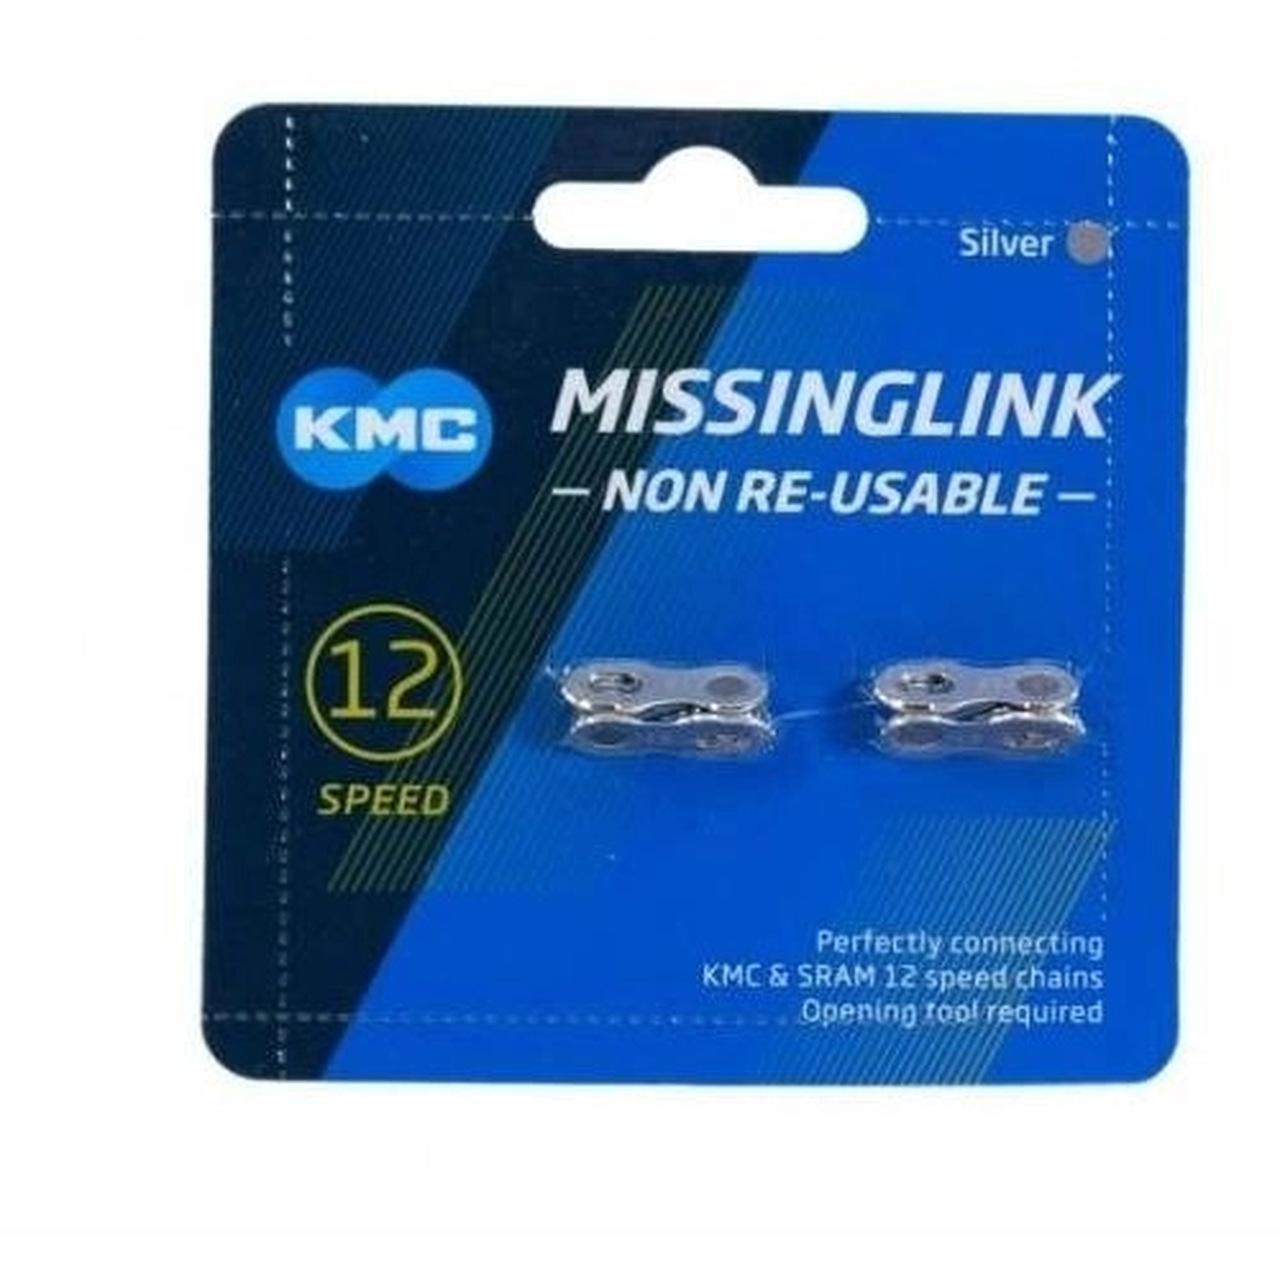 EMENDA CORRENTE KMC 12V CL552-NP CROM (43930)